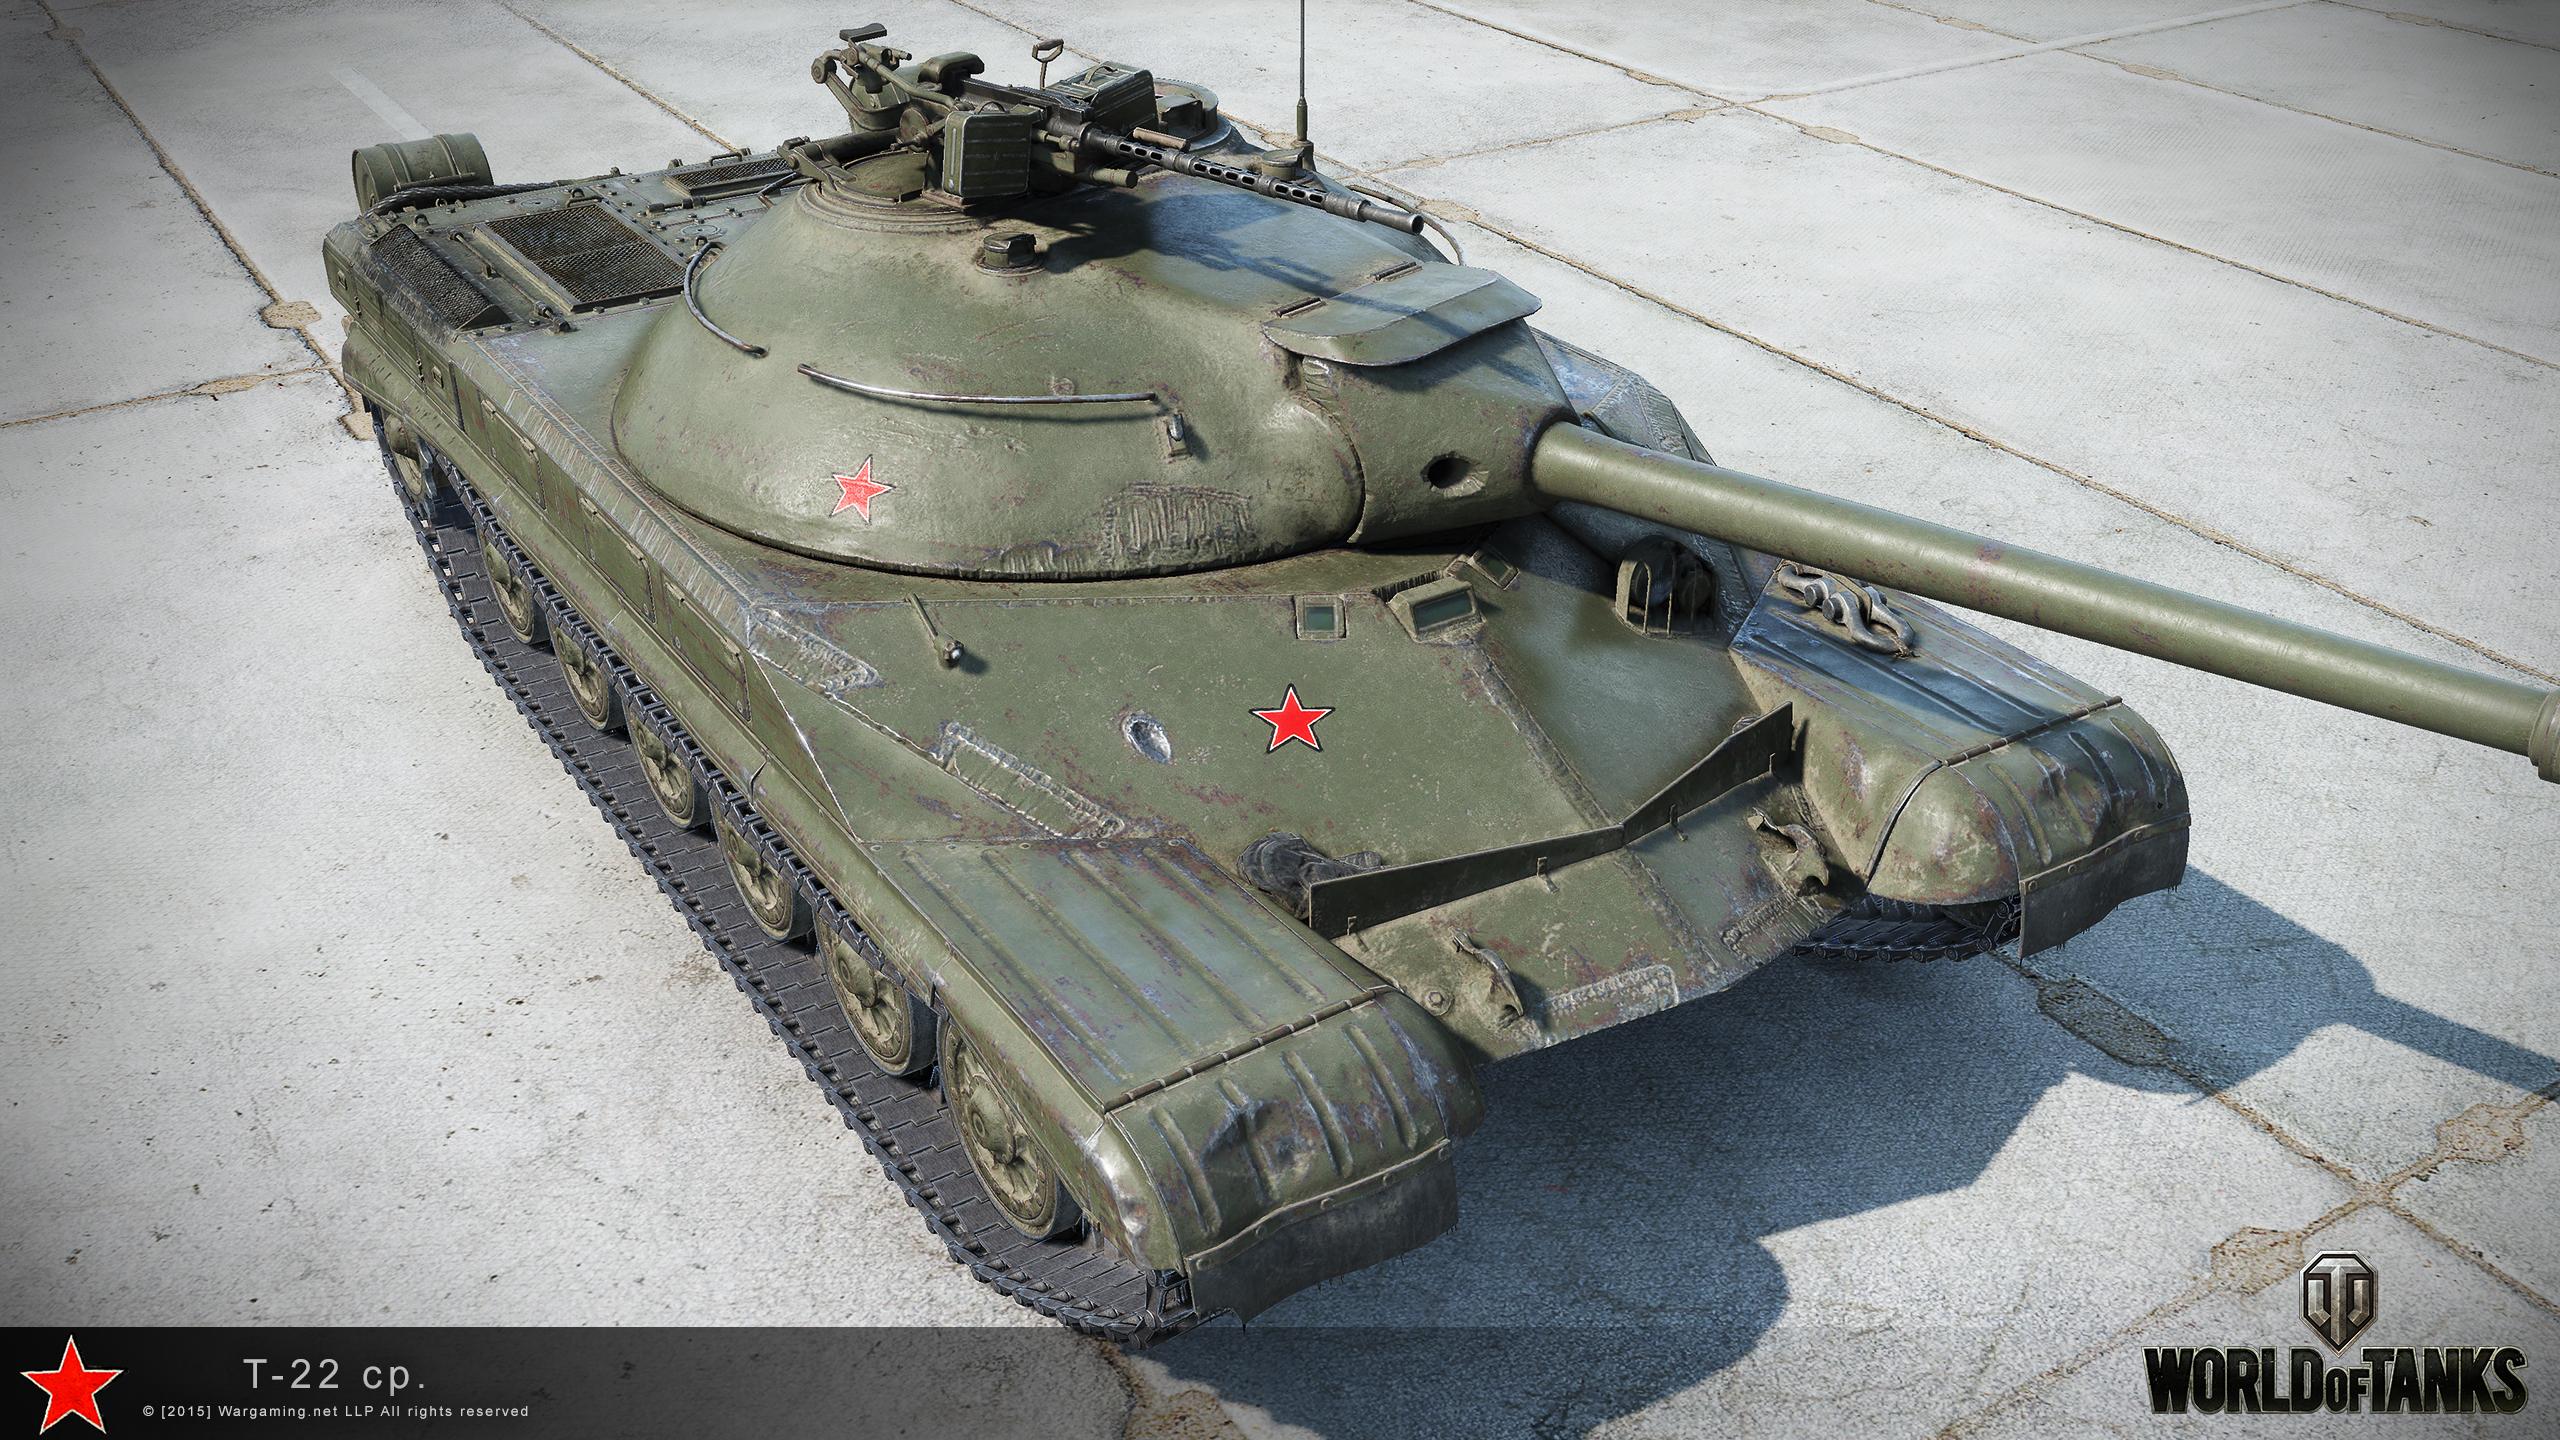 World of Tanks: Spendenaktion für Kinder in Kriegsgebieten ein voller Erfolg